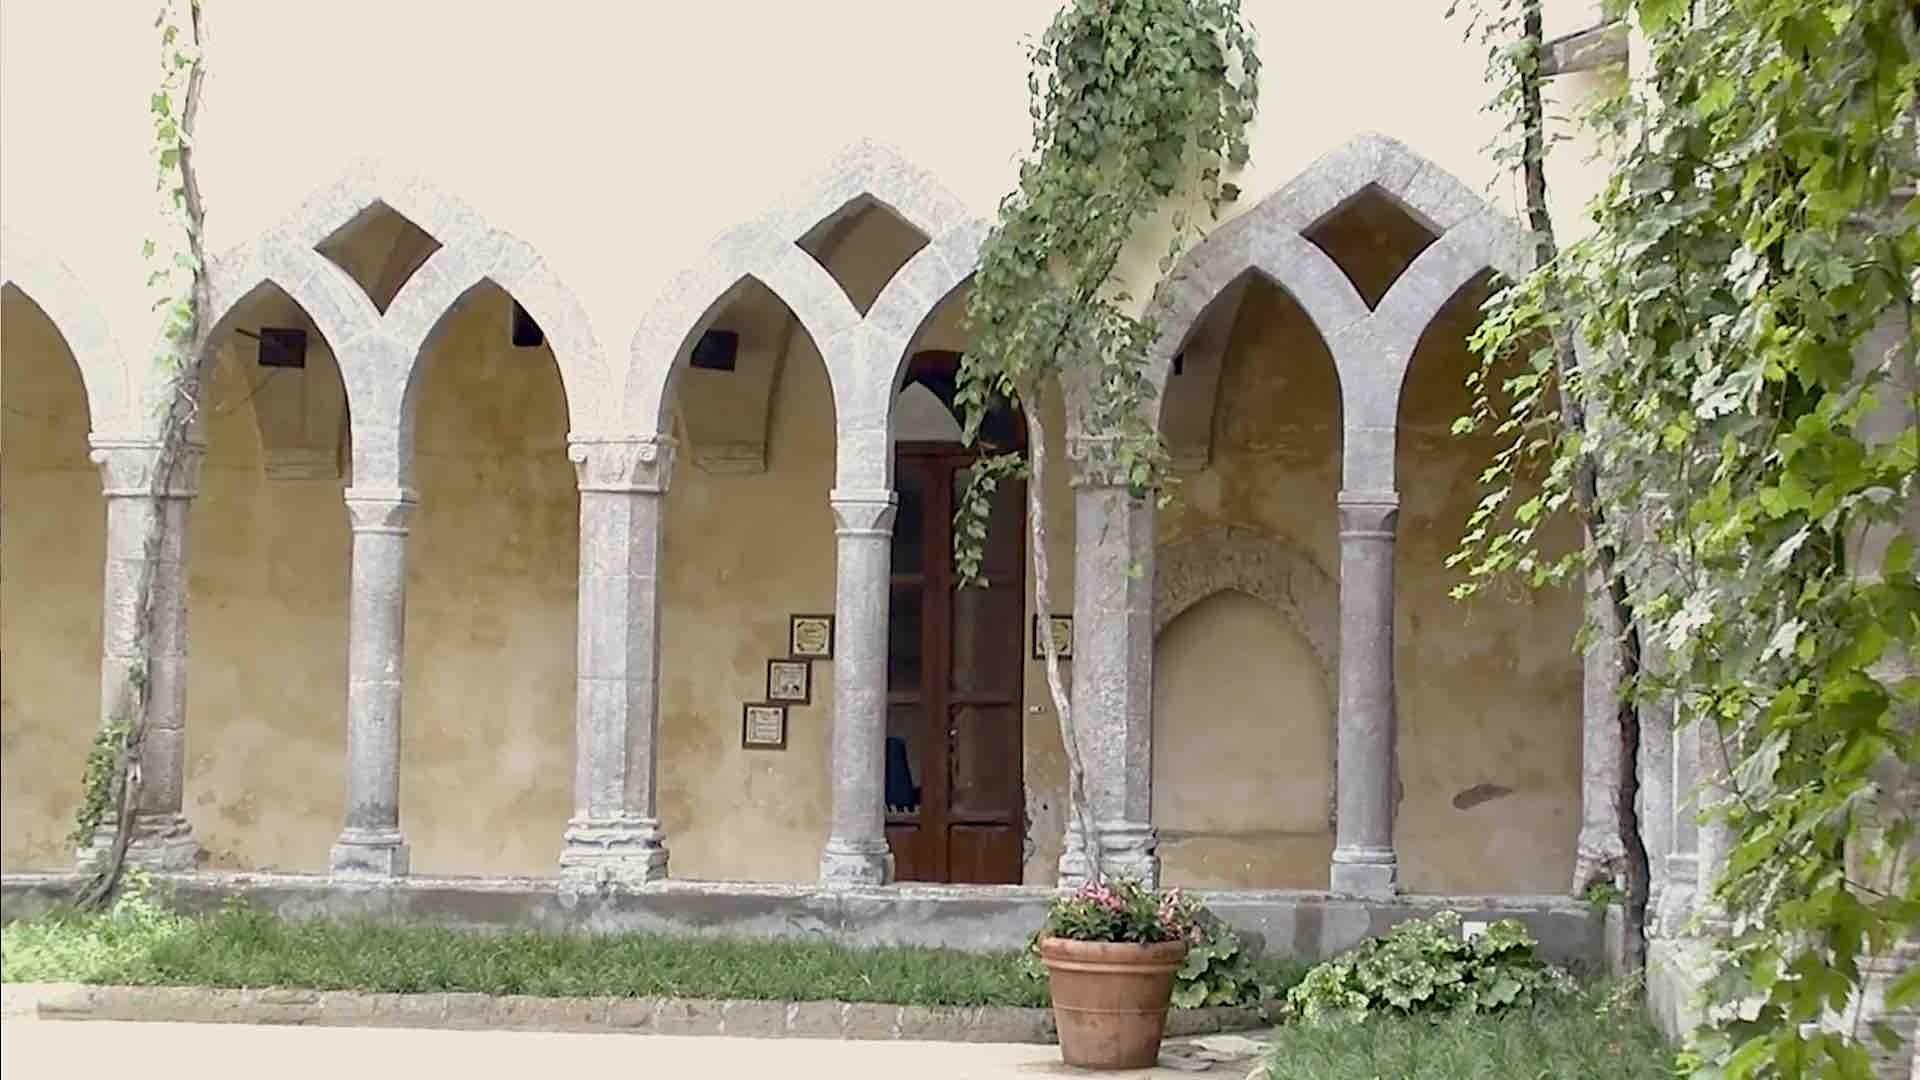 Il Chiostro di San Francesco, gemma panoramica a Sorrento